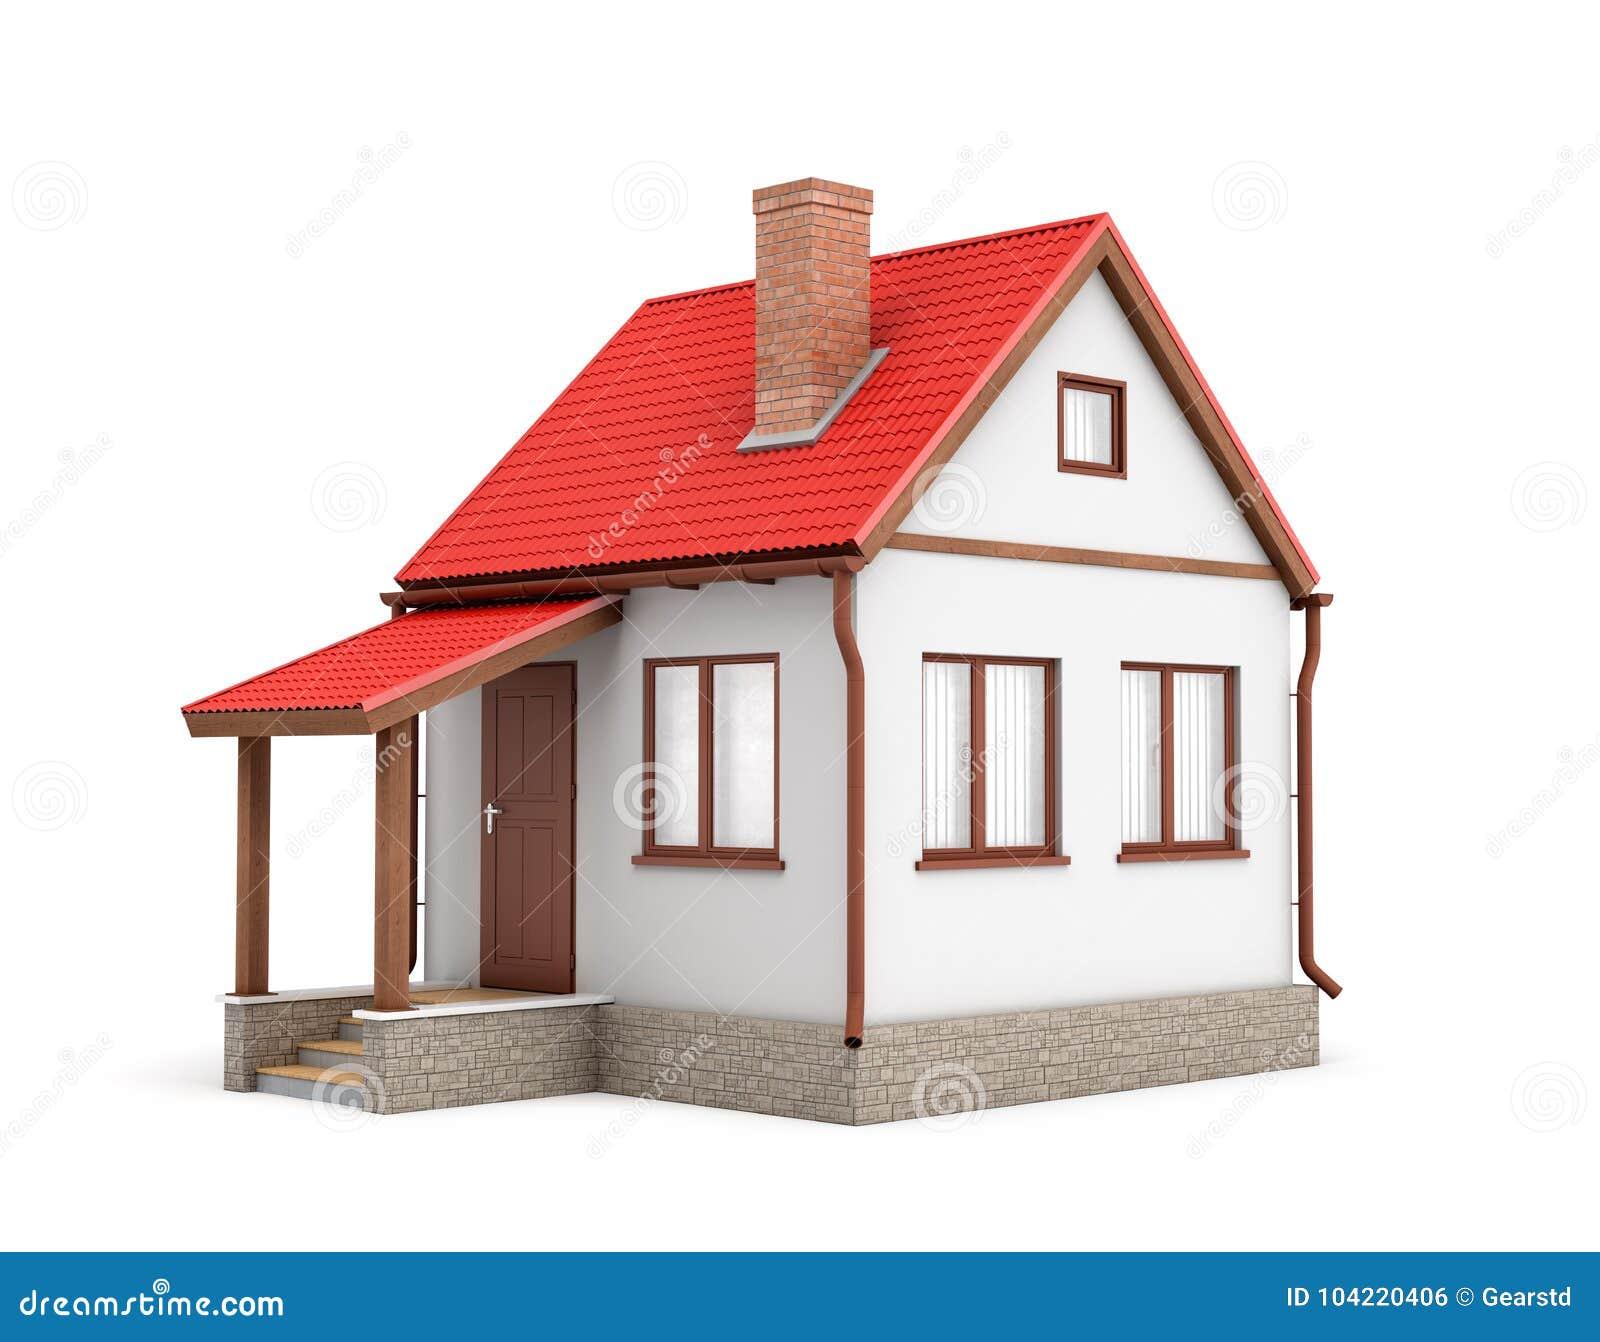 Rendu 3d d une petite maison résidentielle avec une cheminée et un toit rouge sur un fond blanc